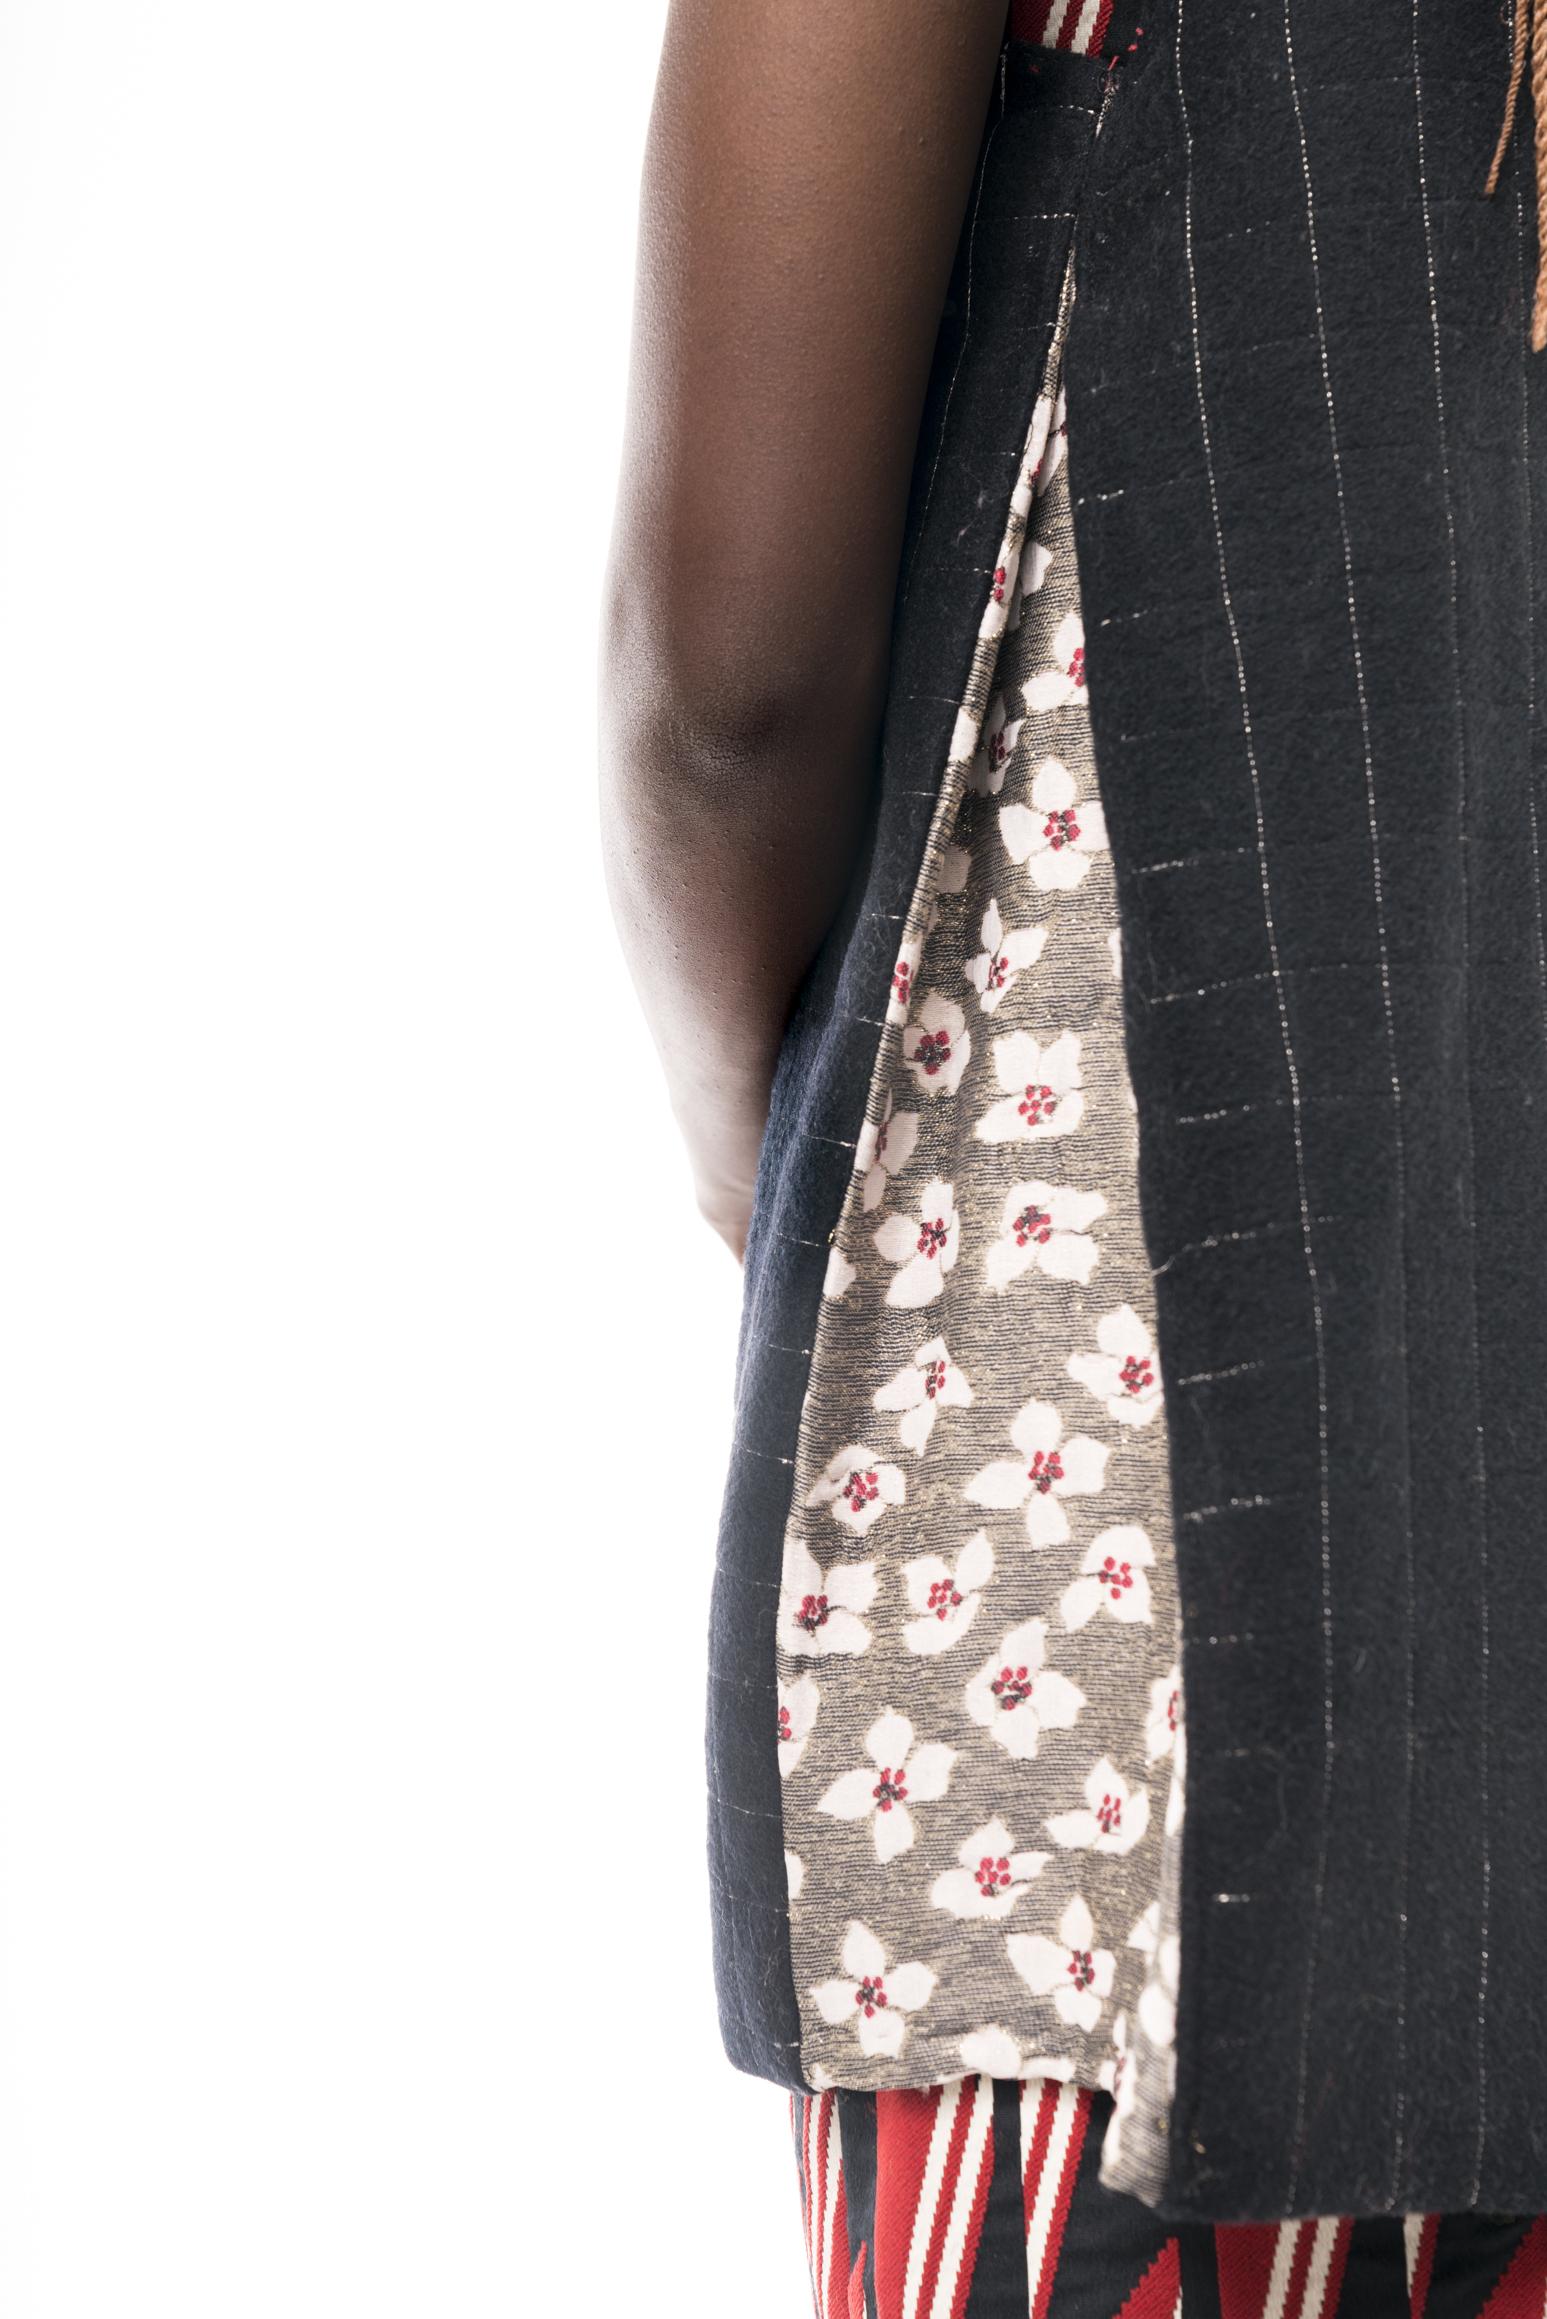 Dubay_Fashion_MinaSmithHodzik_WEB (14 of 89).jpg